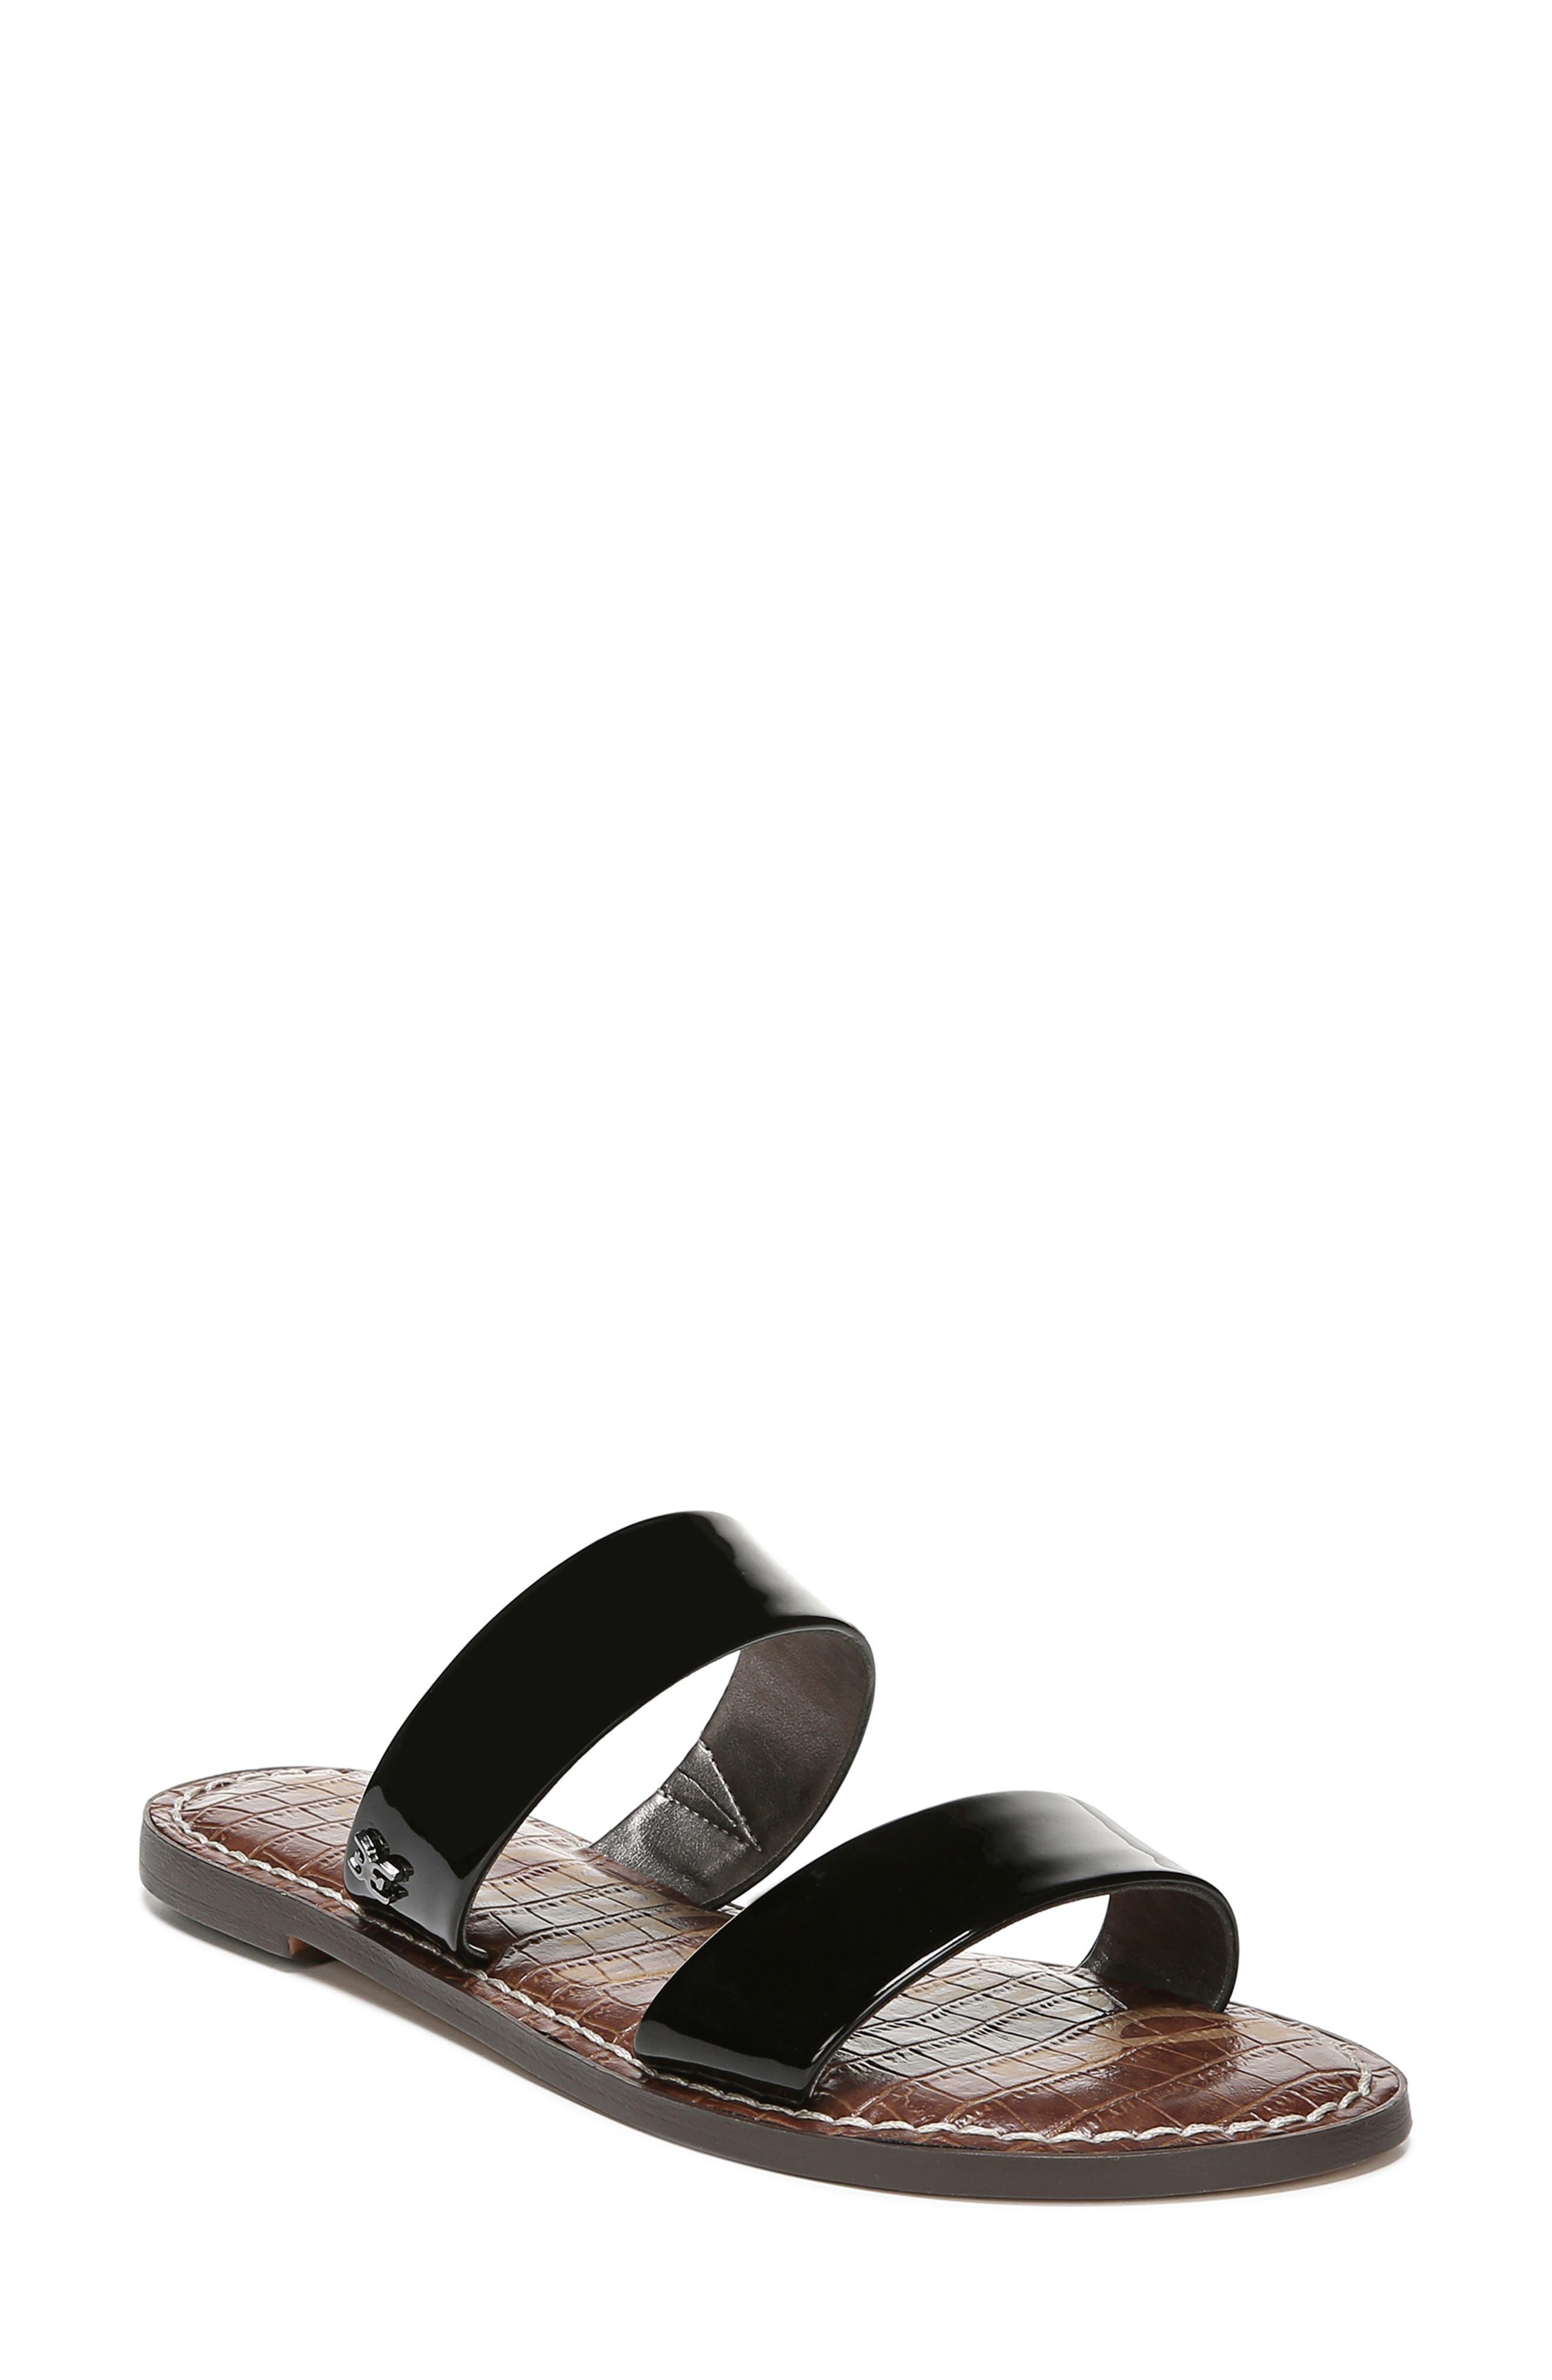 Sam Edelman Slippers Gala Two Strap Slide Sandal